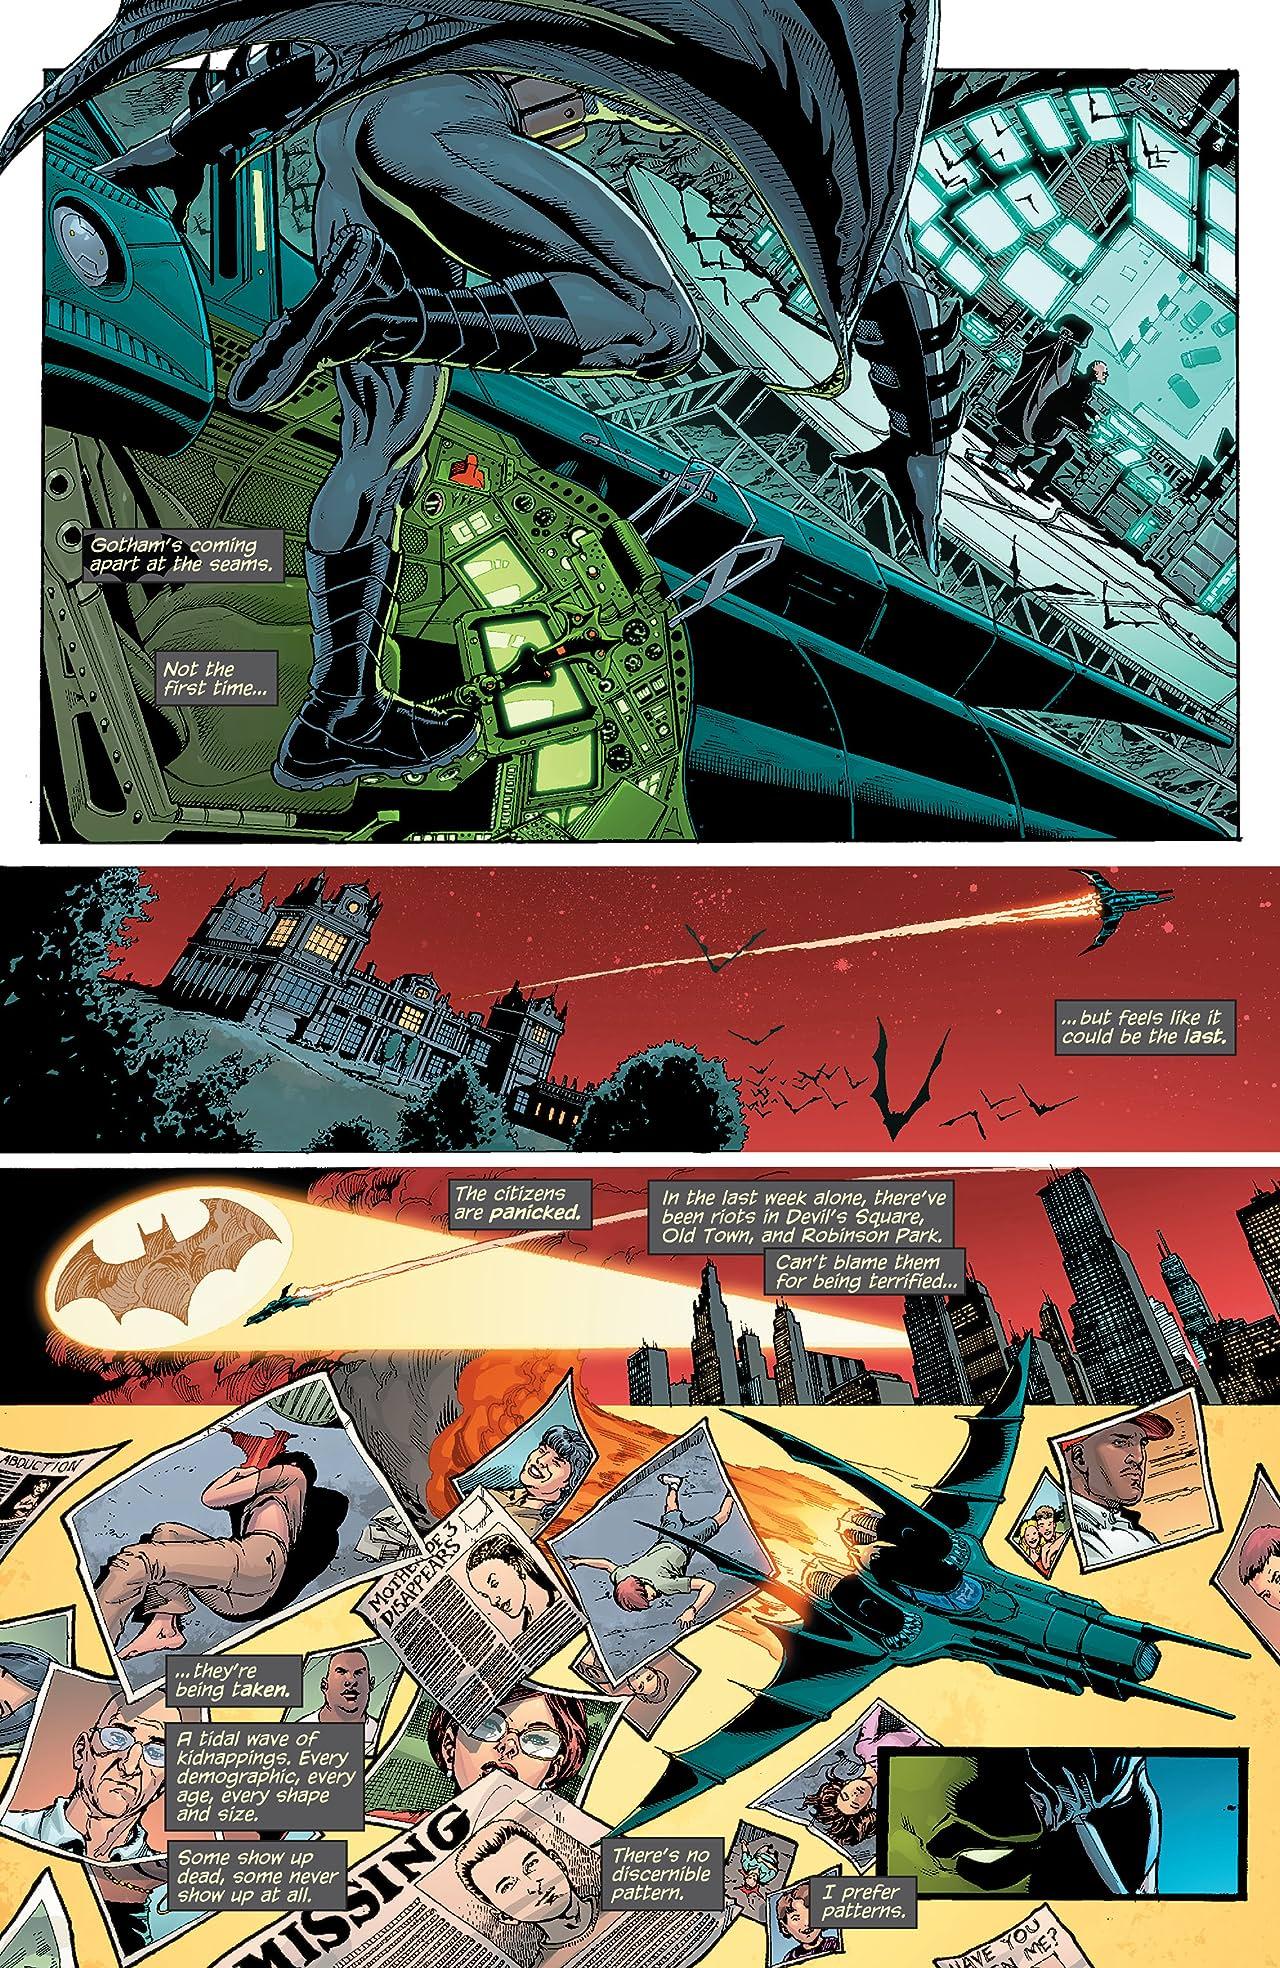 Batman: The Dark Knight (2011-2014) Vol. 3: Mad